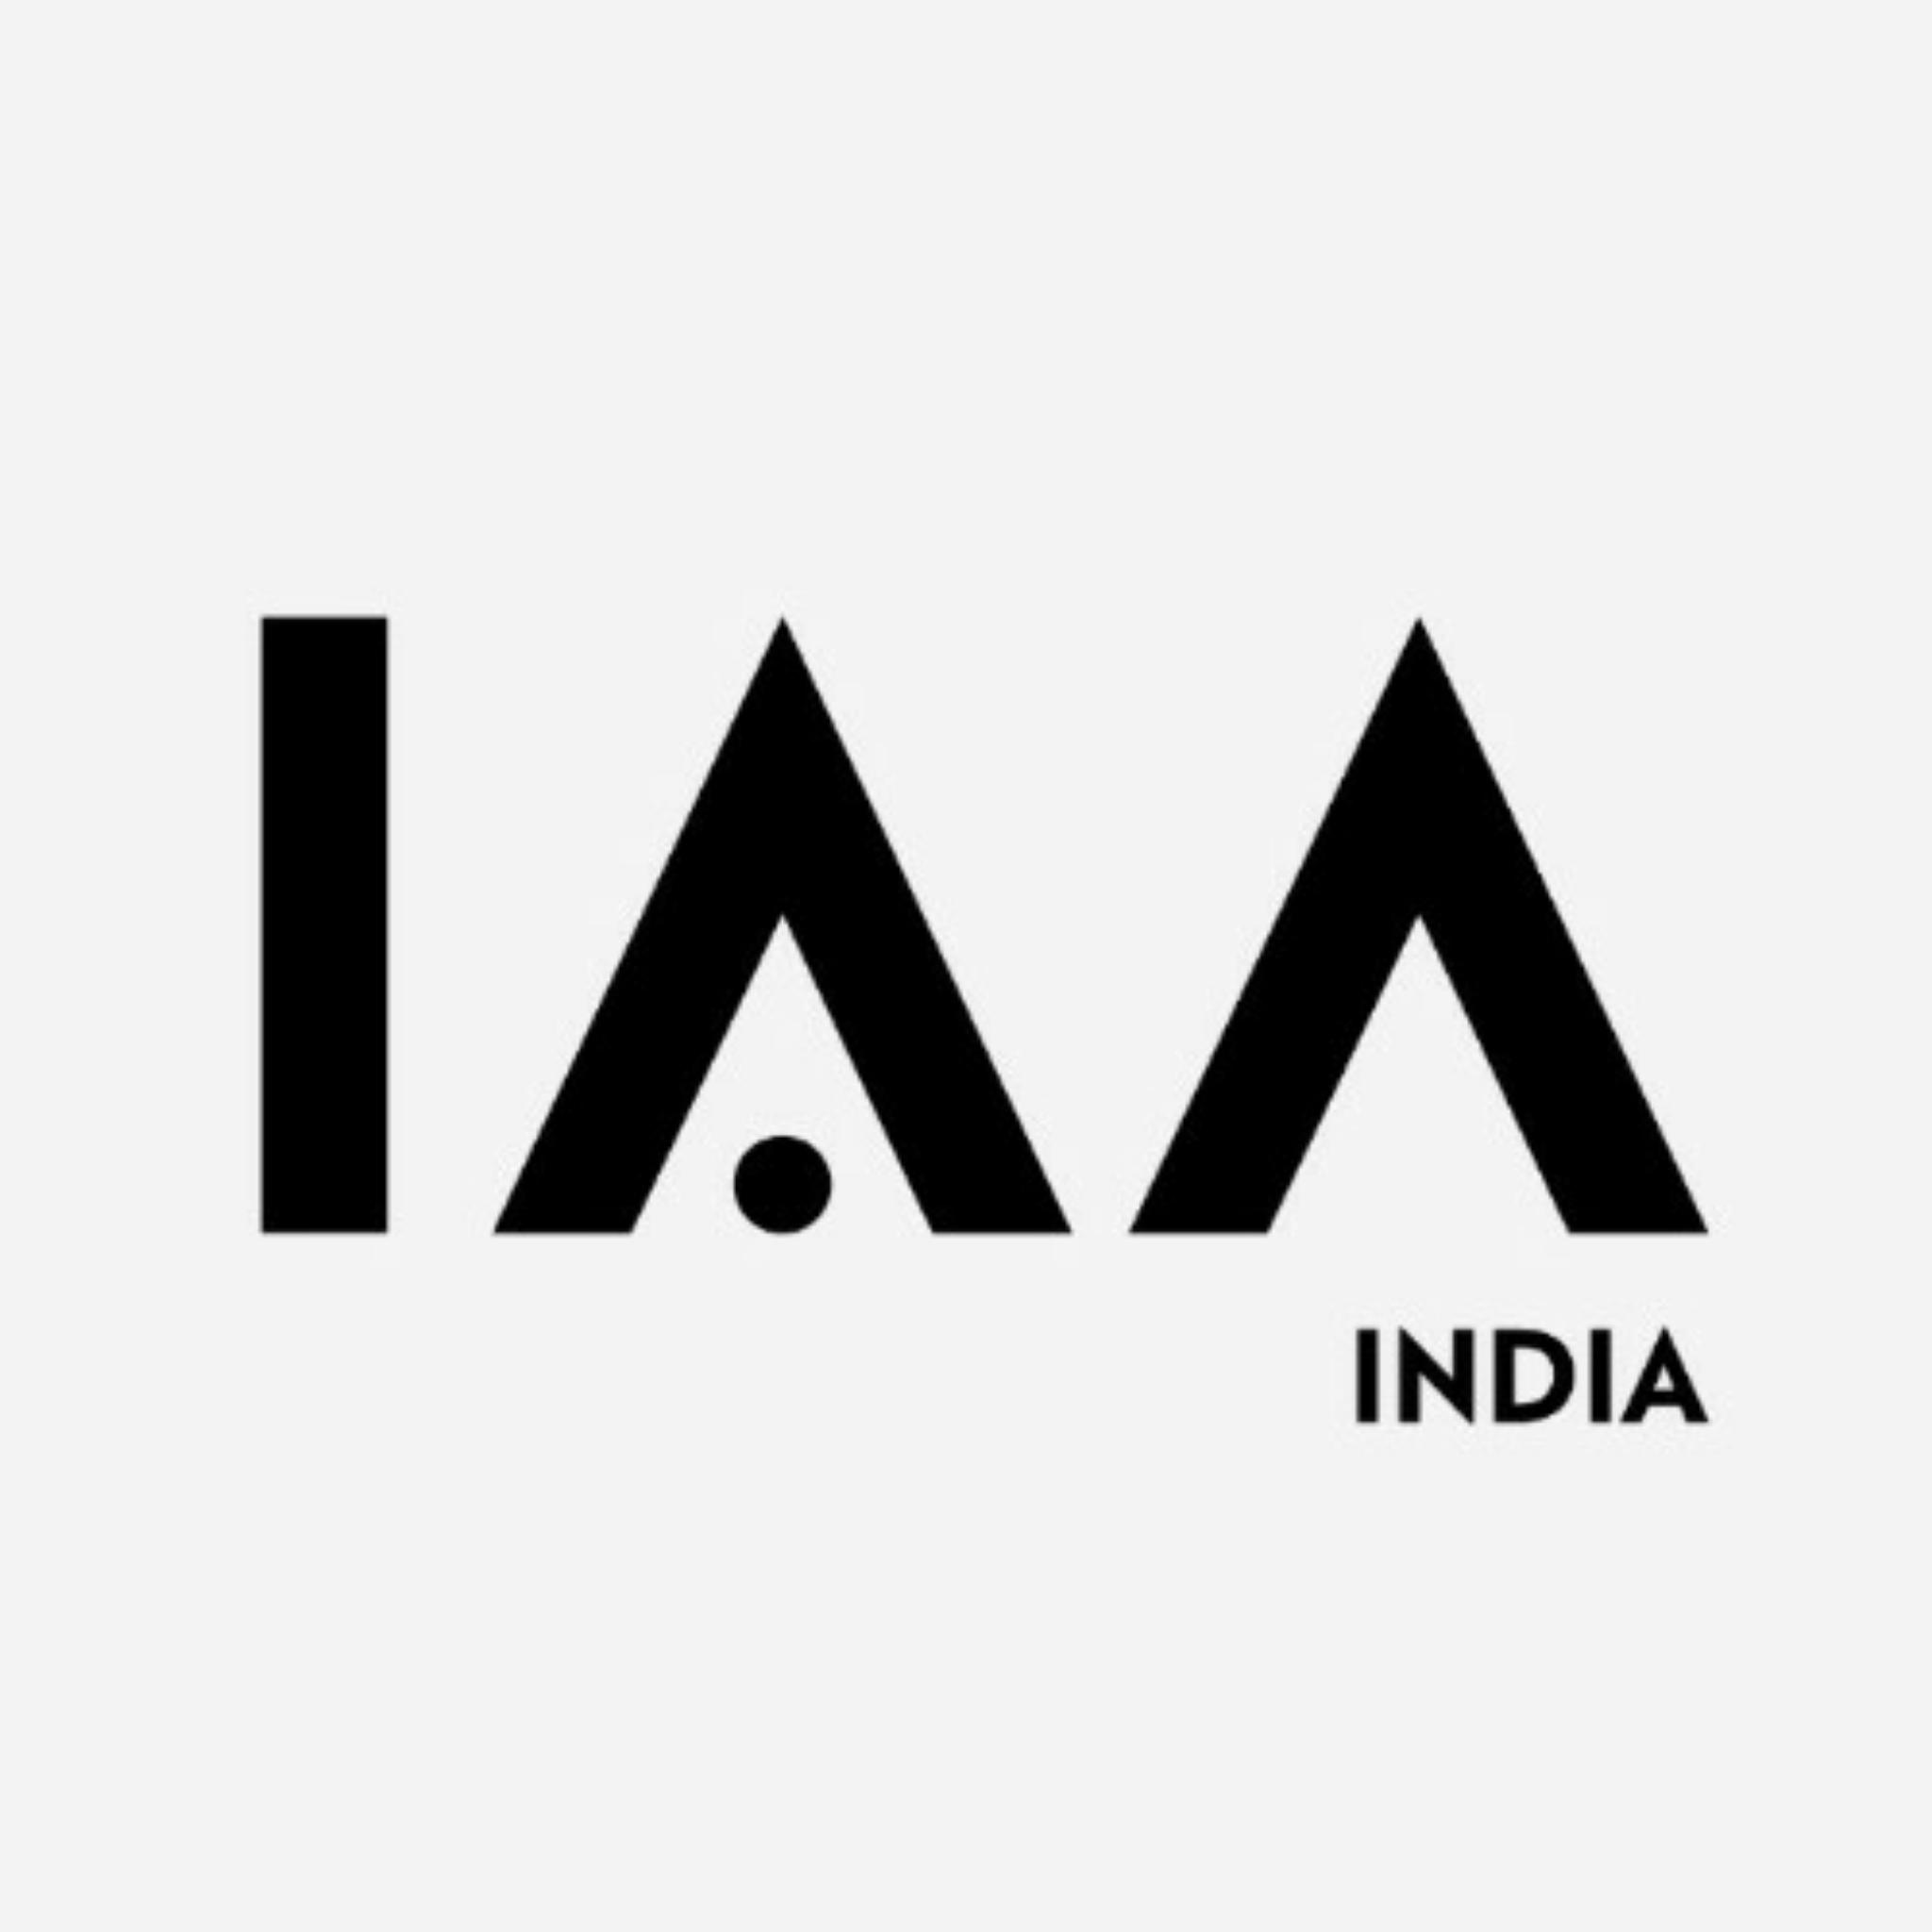 https://www.indiantelevision.com/sites/default/files/styles/smartcrop_800x800/public/images/tv-images/2021/07/21/photogrid_plus_1626856257486.jpg?itok=0-jwxFGW